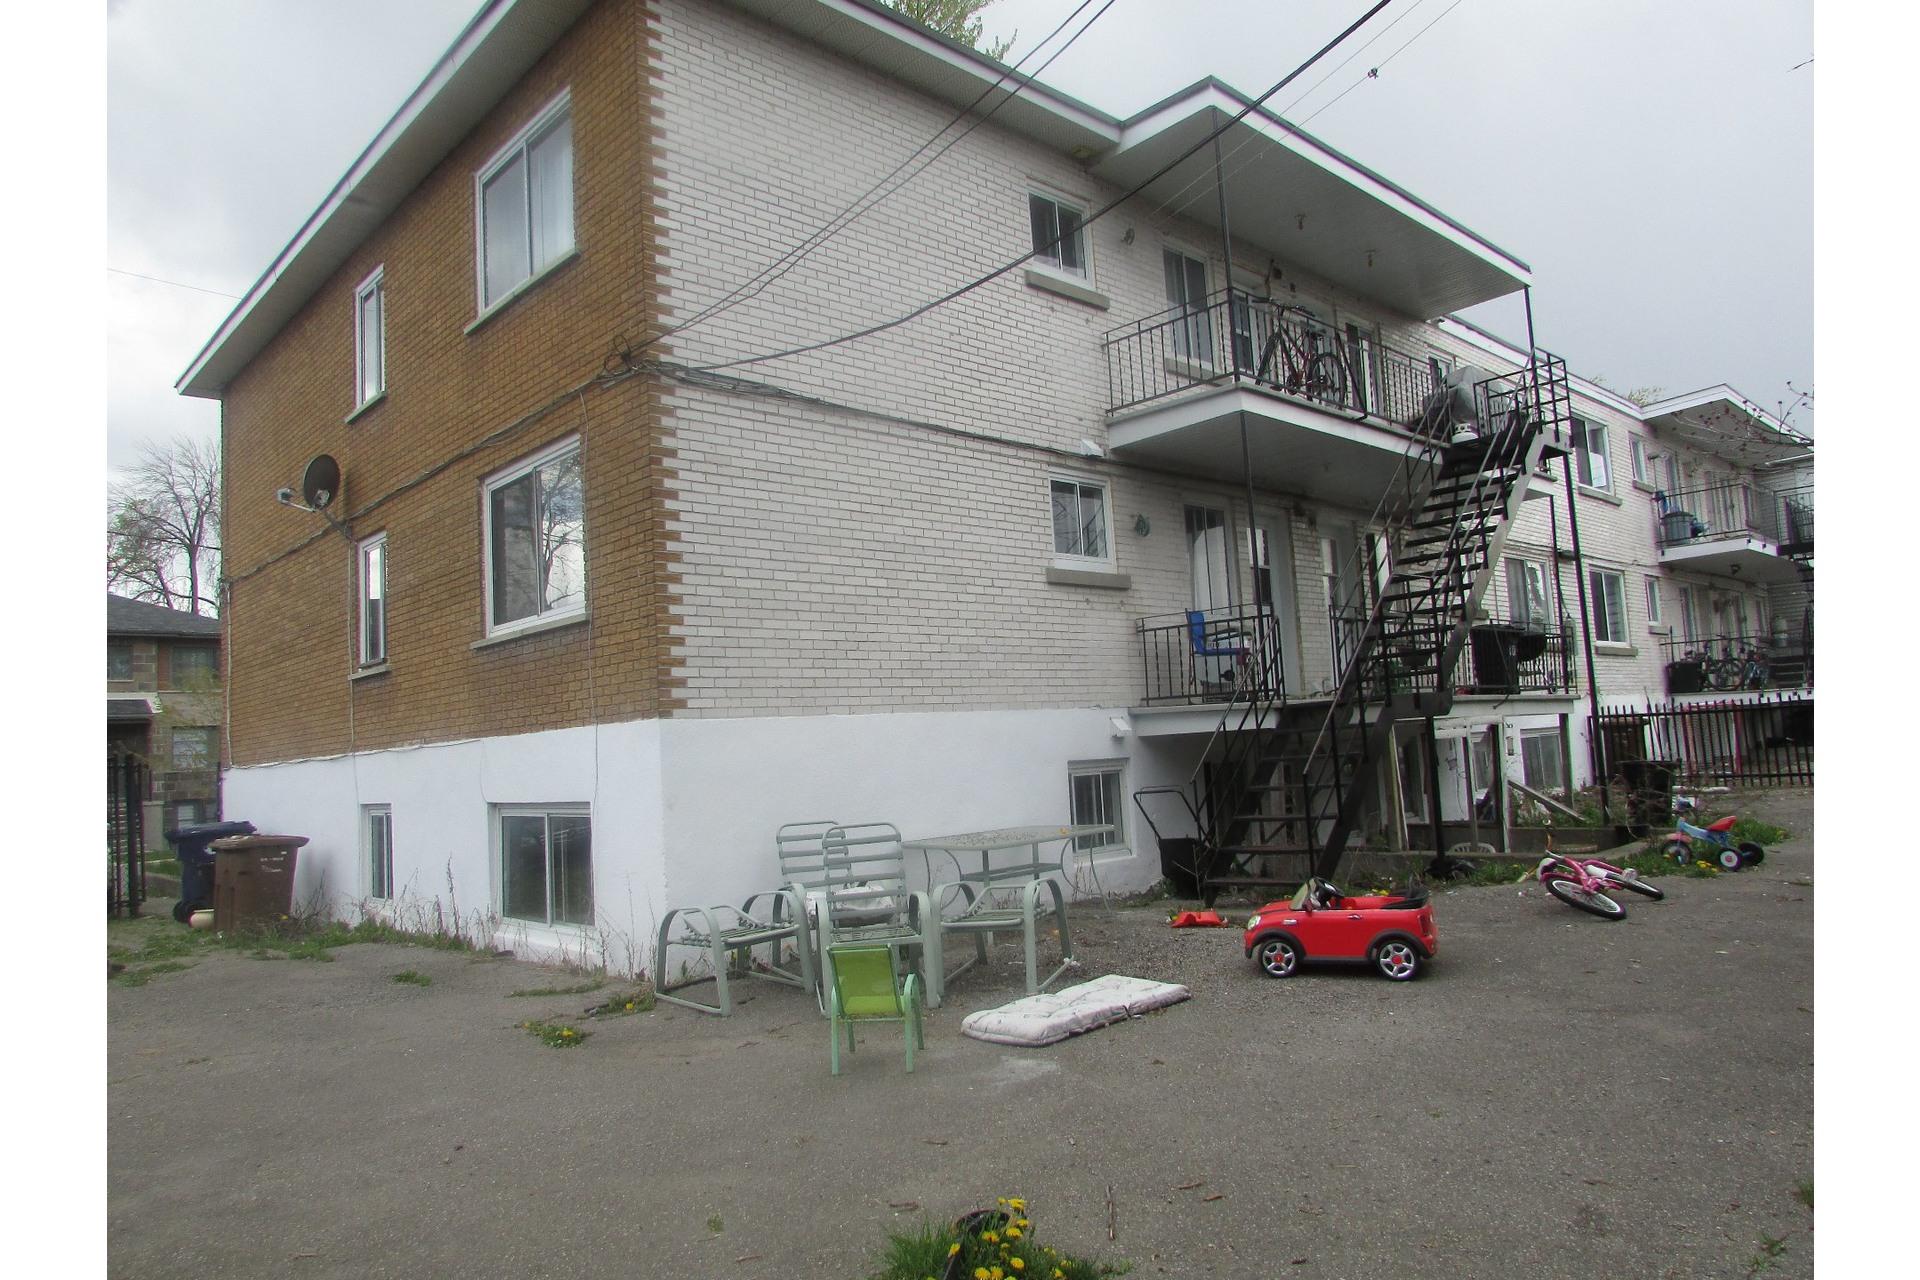 image 2 - Immeuble à revenus À vendre Duvernay Laval  - 5 pièces